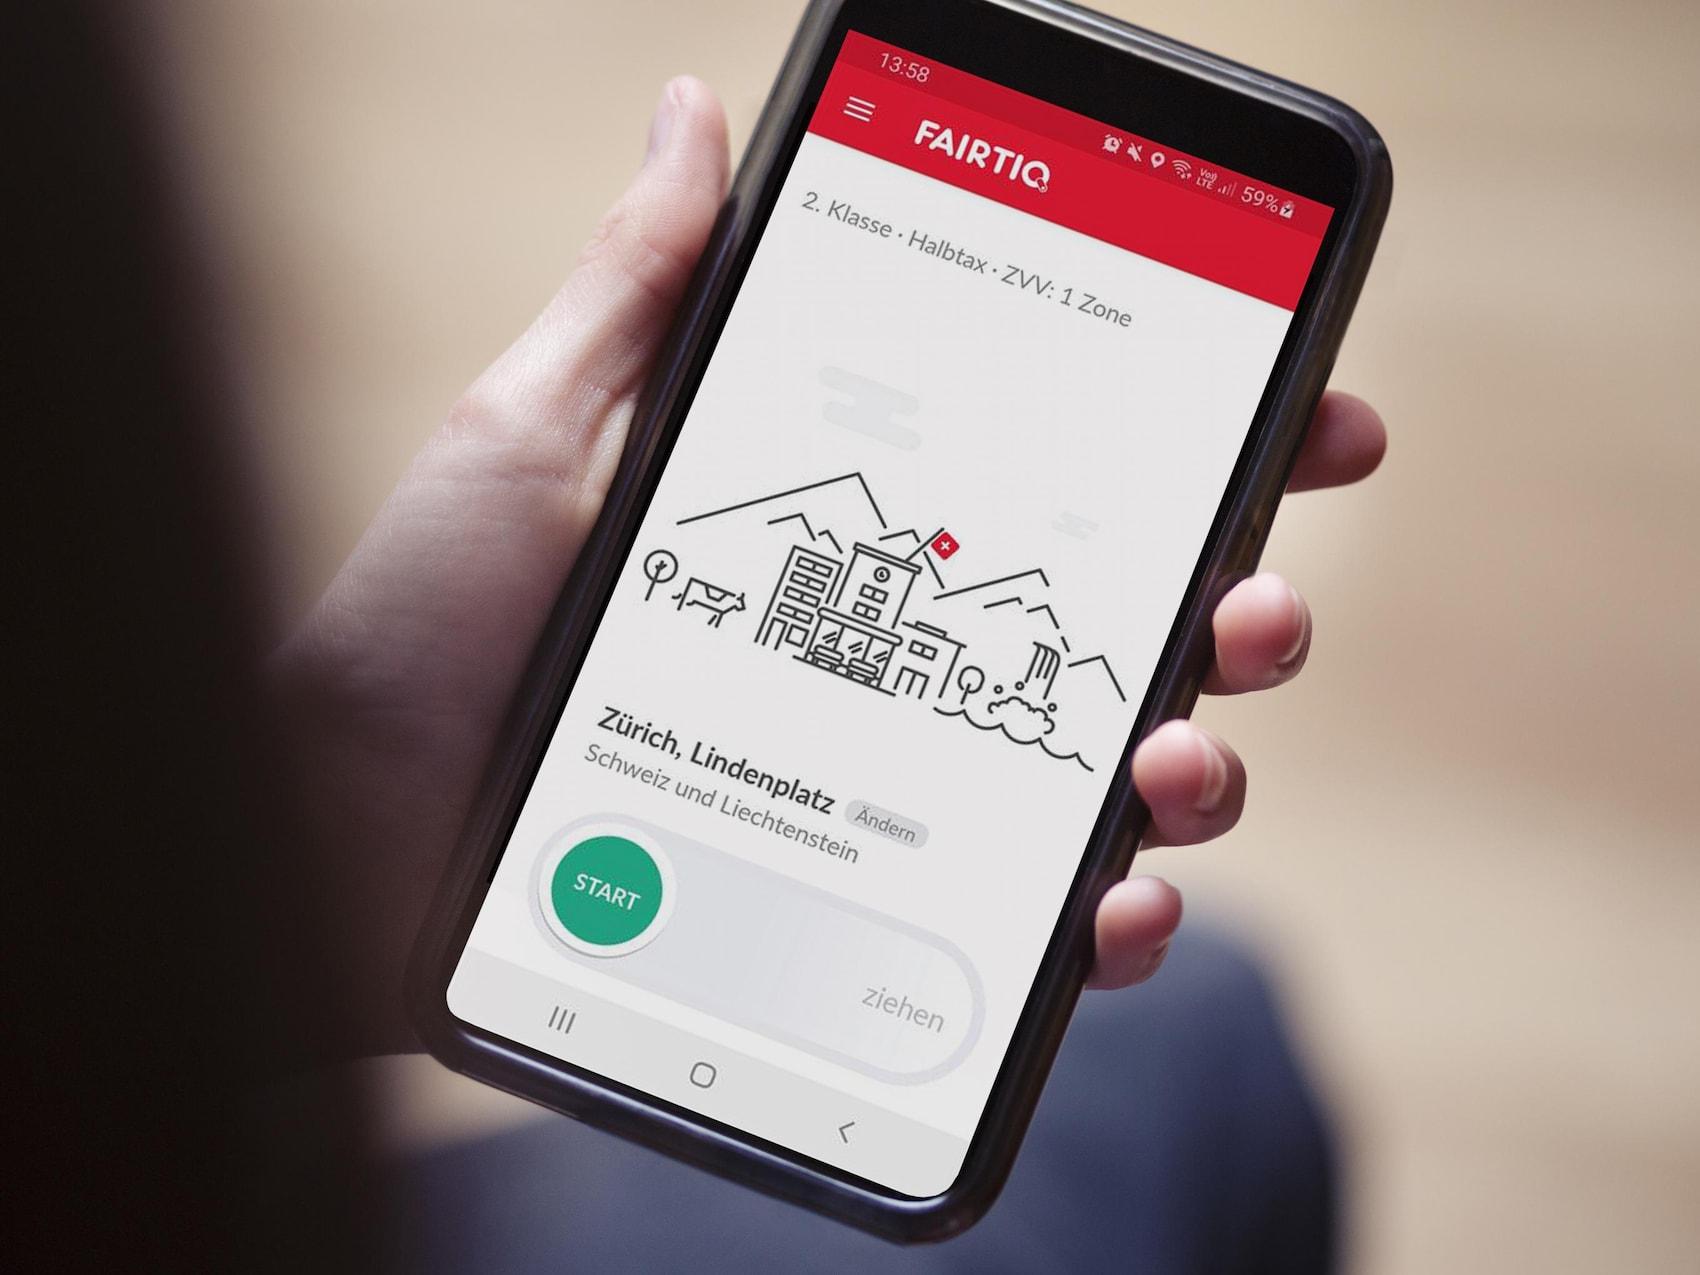 mbch-fairtiq-app